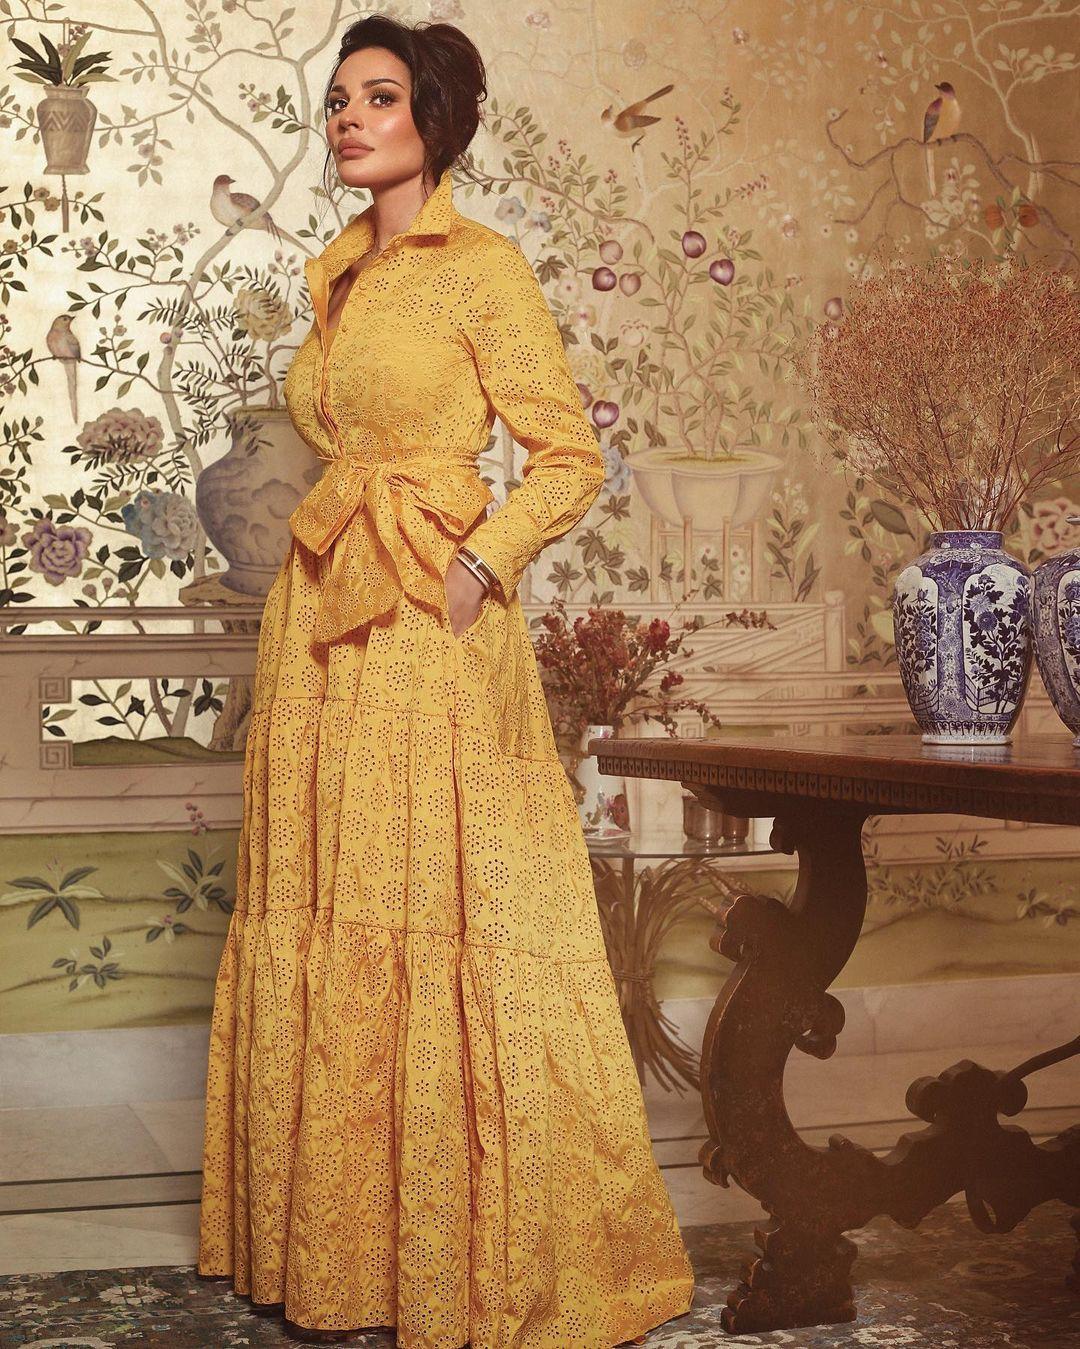 نادين نجيم بفستان باللون الأصفر